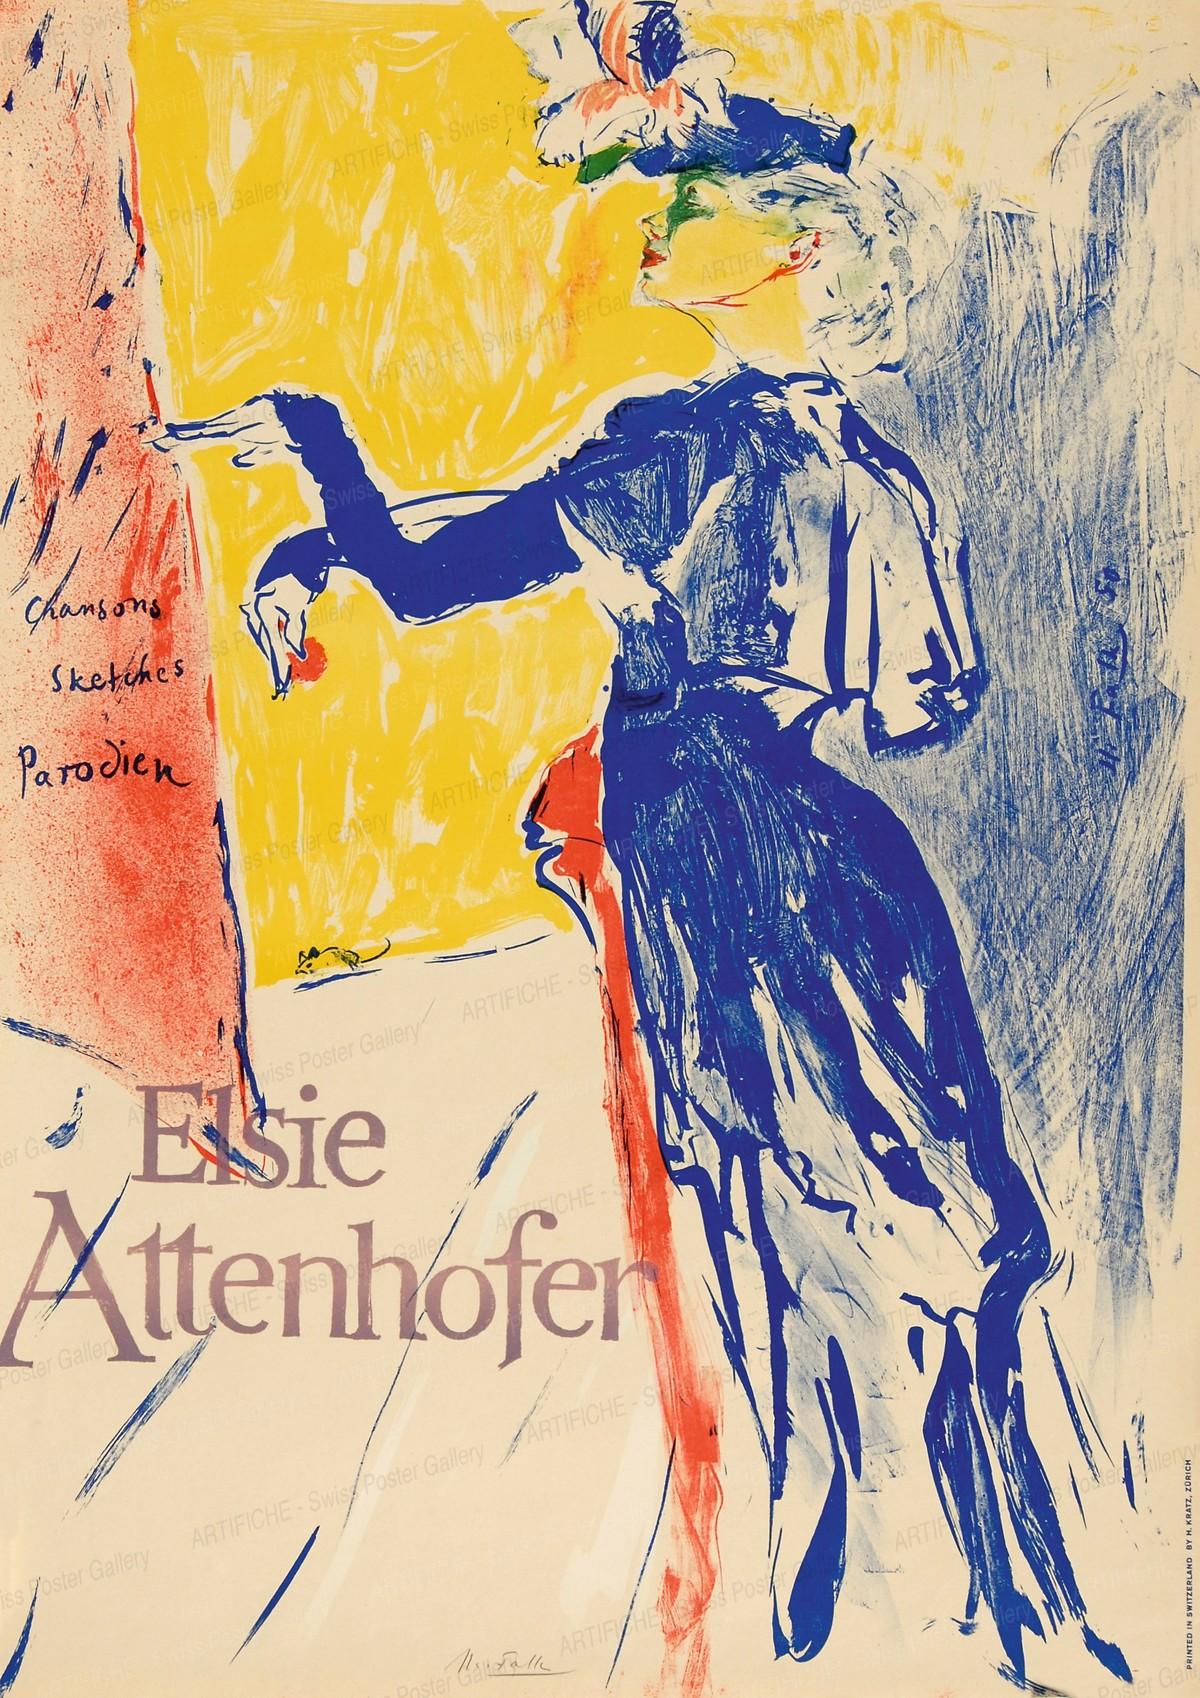 Elsie Attenhofer, Hans Falk